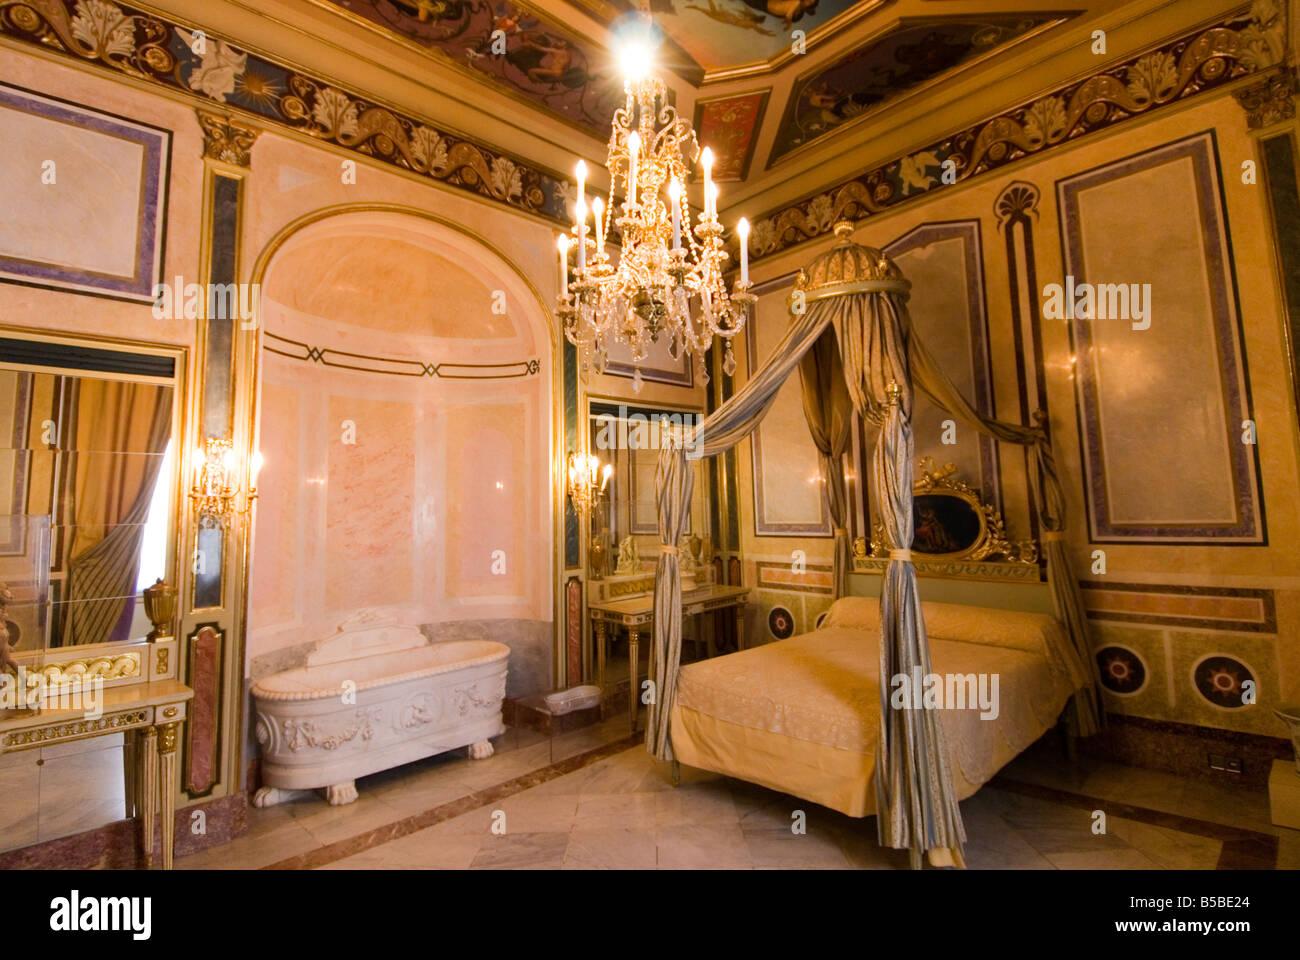 The Marquis bedroom inside the Palacio del Marques de Dos Aguas which Stock P...